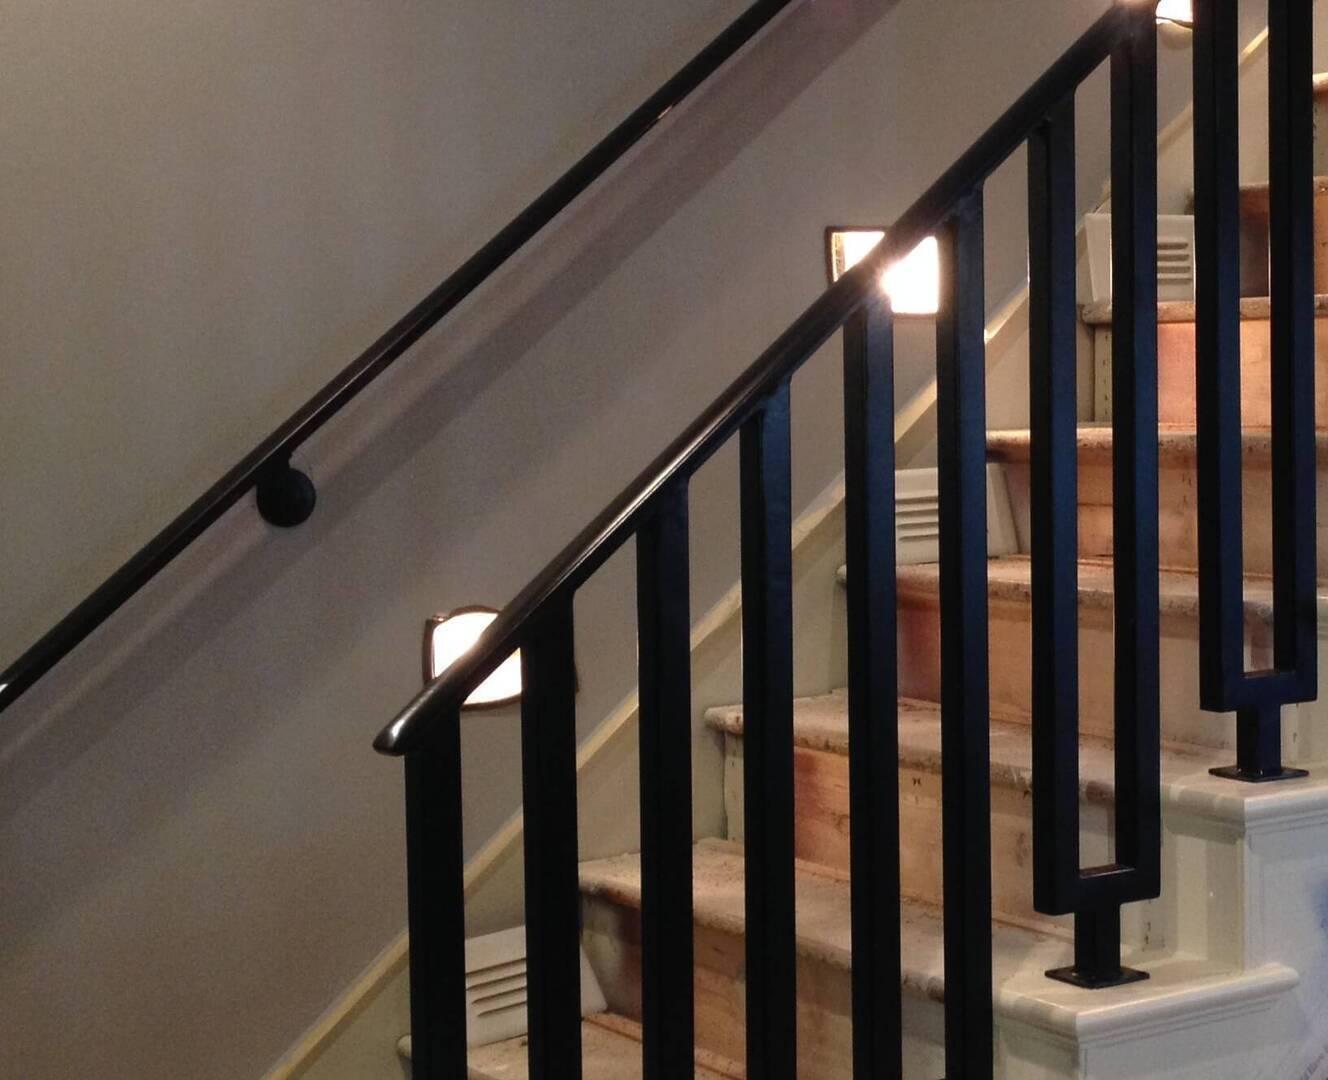 Iron Railings Fences Gates Custom Designed For Your Home